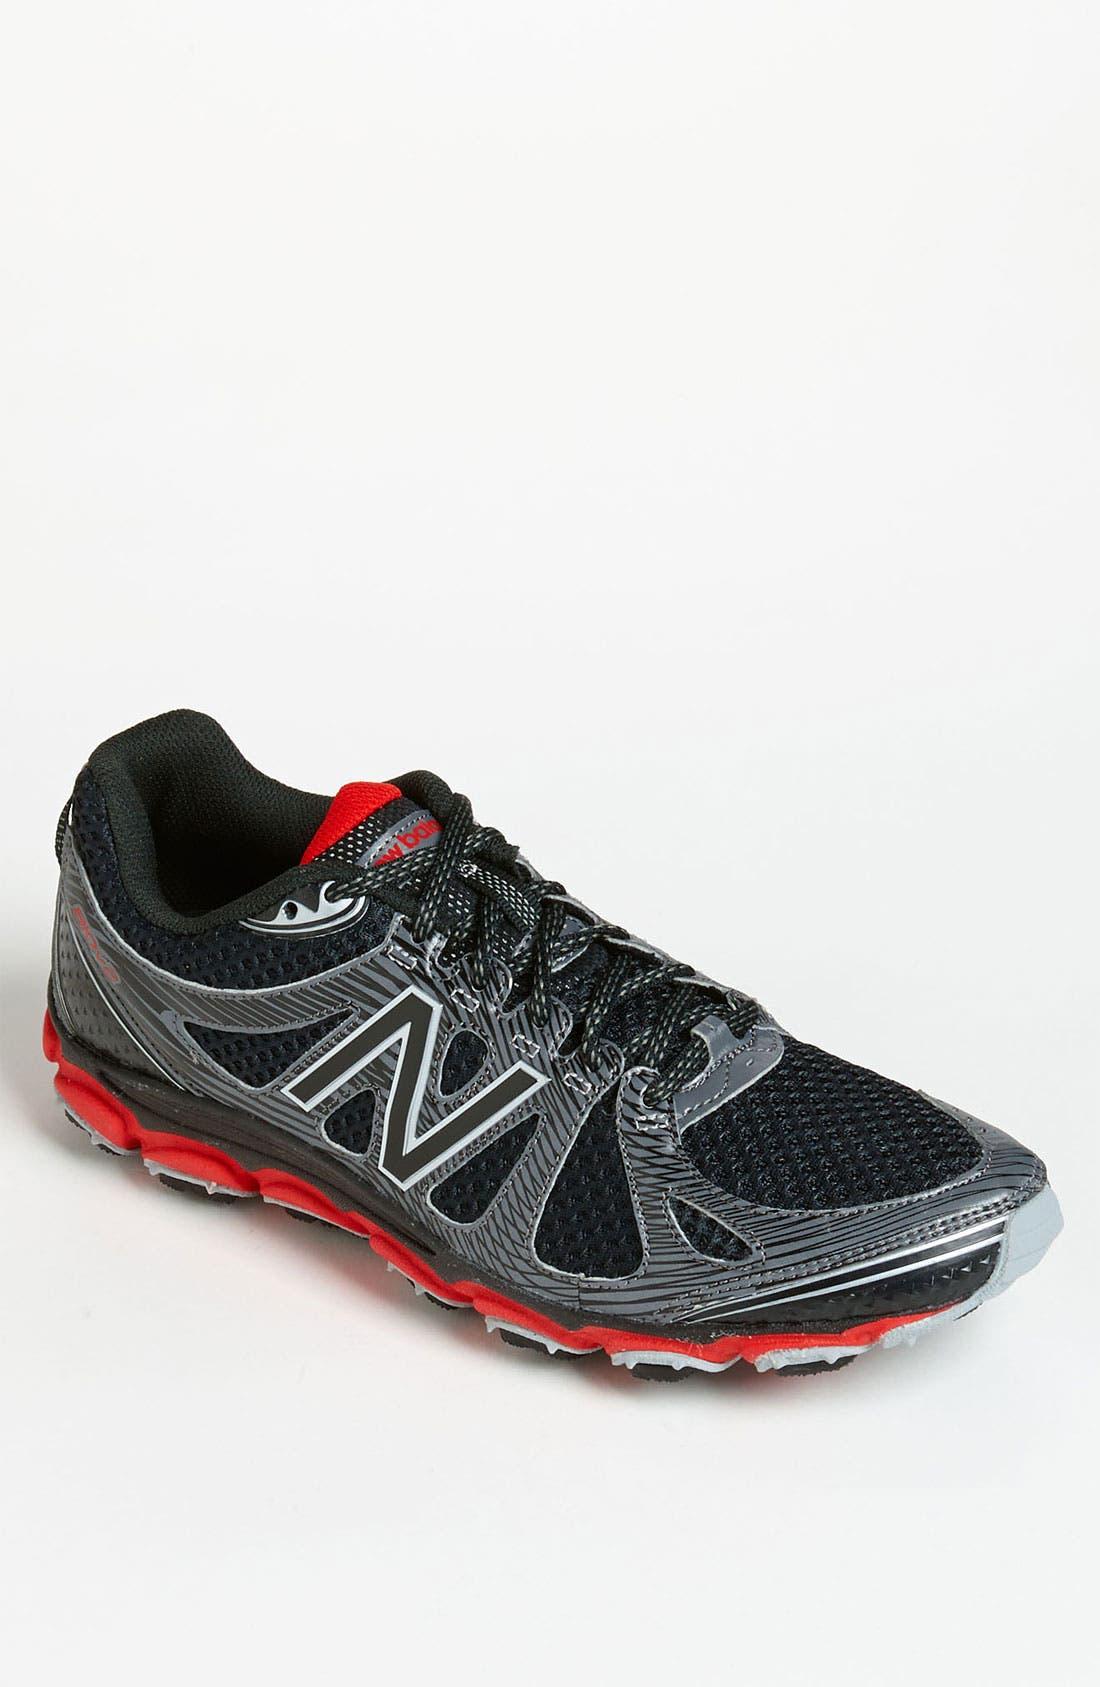 Alternate Image 1 Selected - New Balance '810v2' Trail Running Shoe (Men)